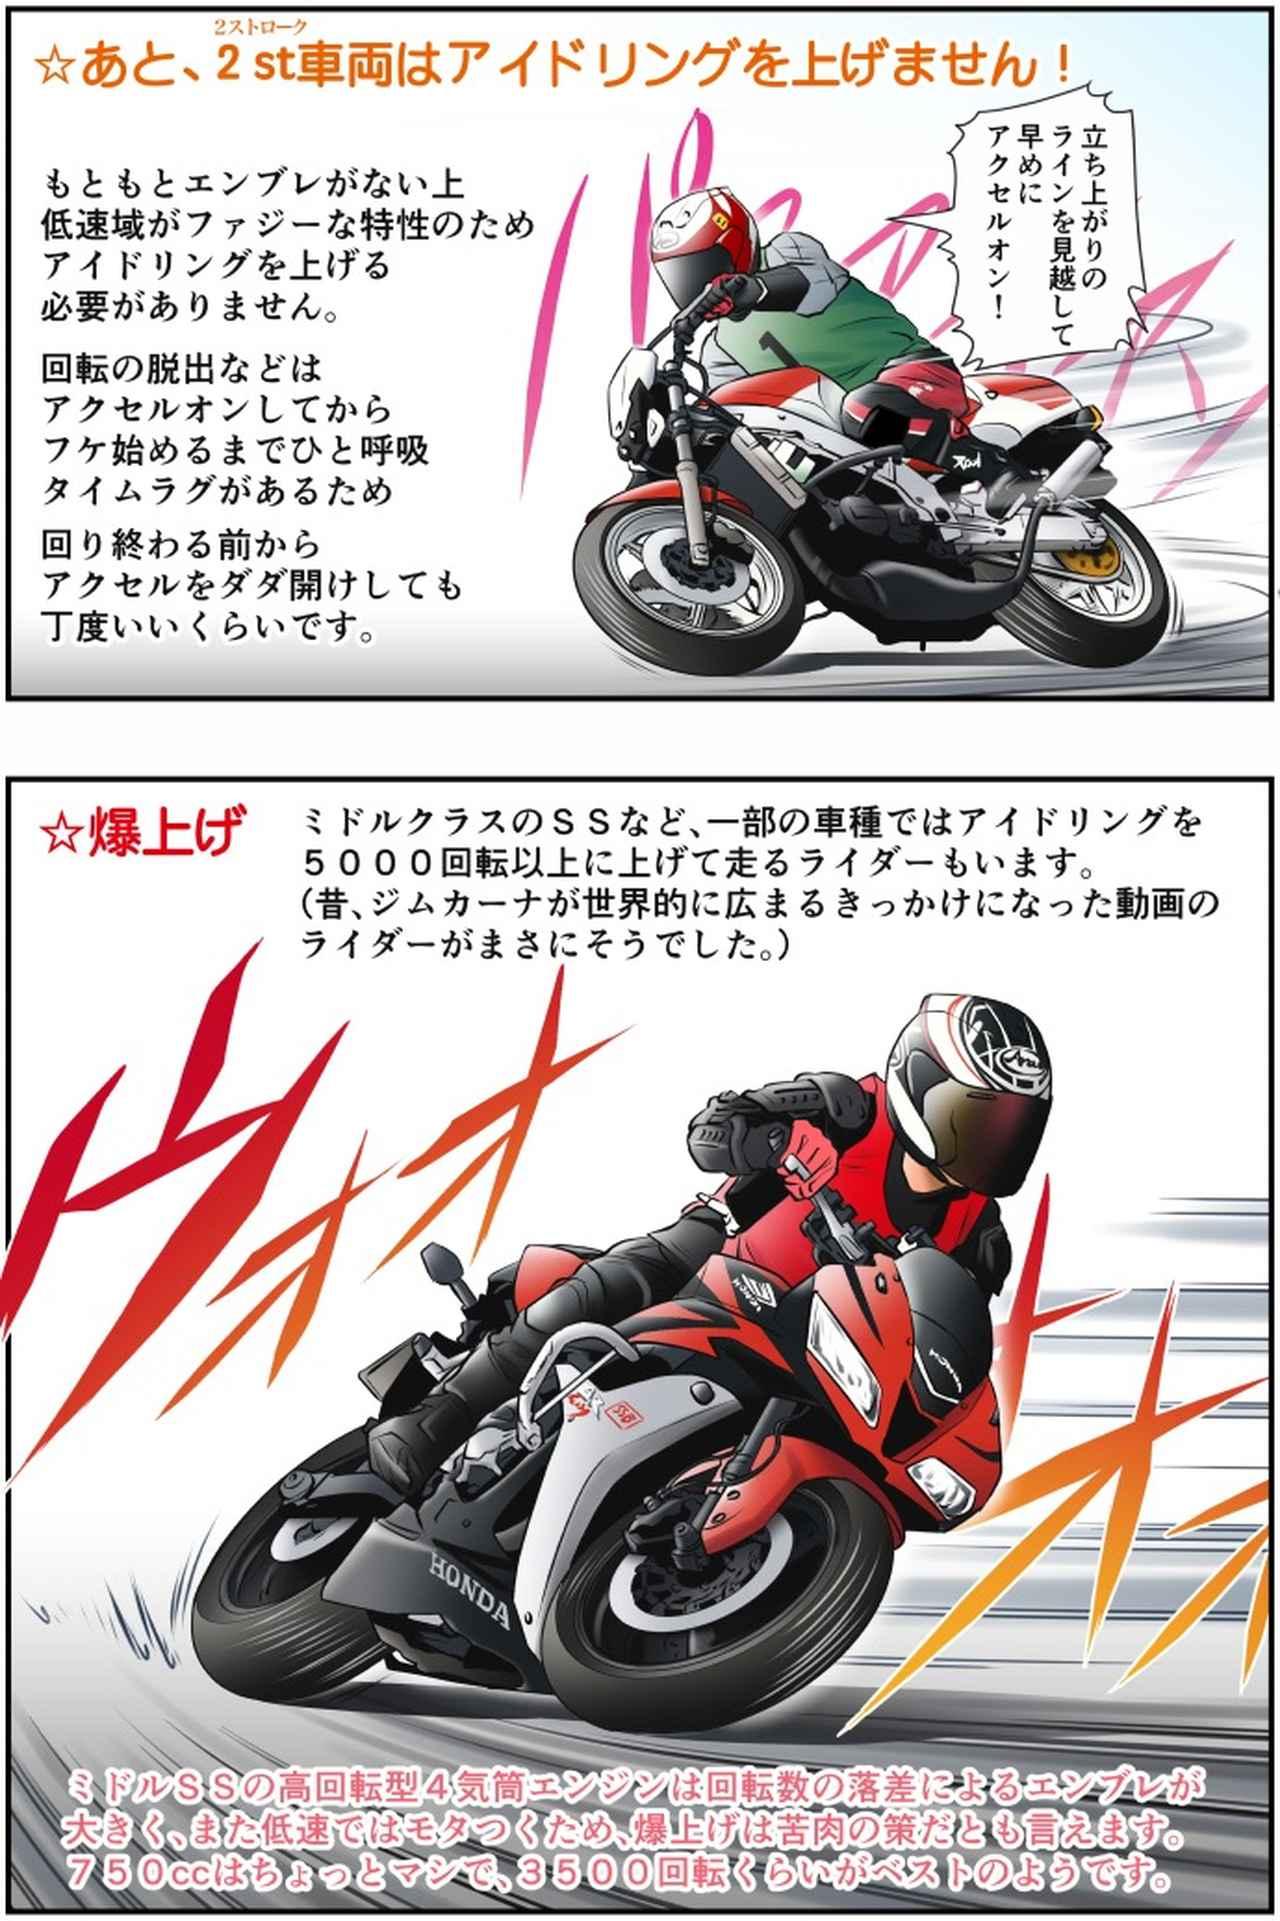 画像3: Motoジム! おまけのコーナー (アイドリングアップにまつわるアレコレ)  作・ばどみゅーみん